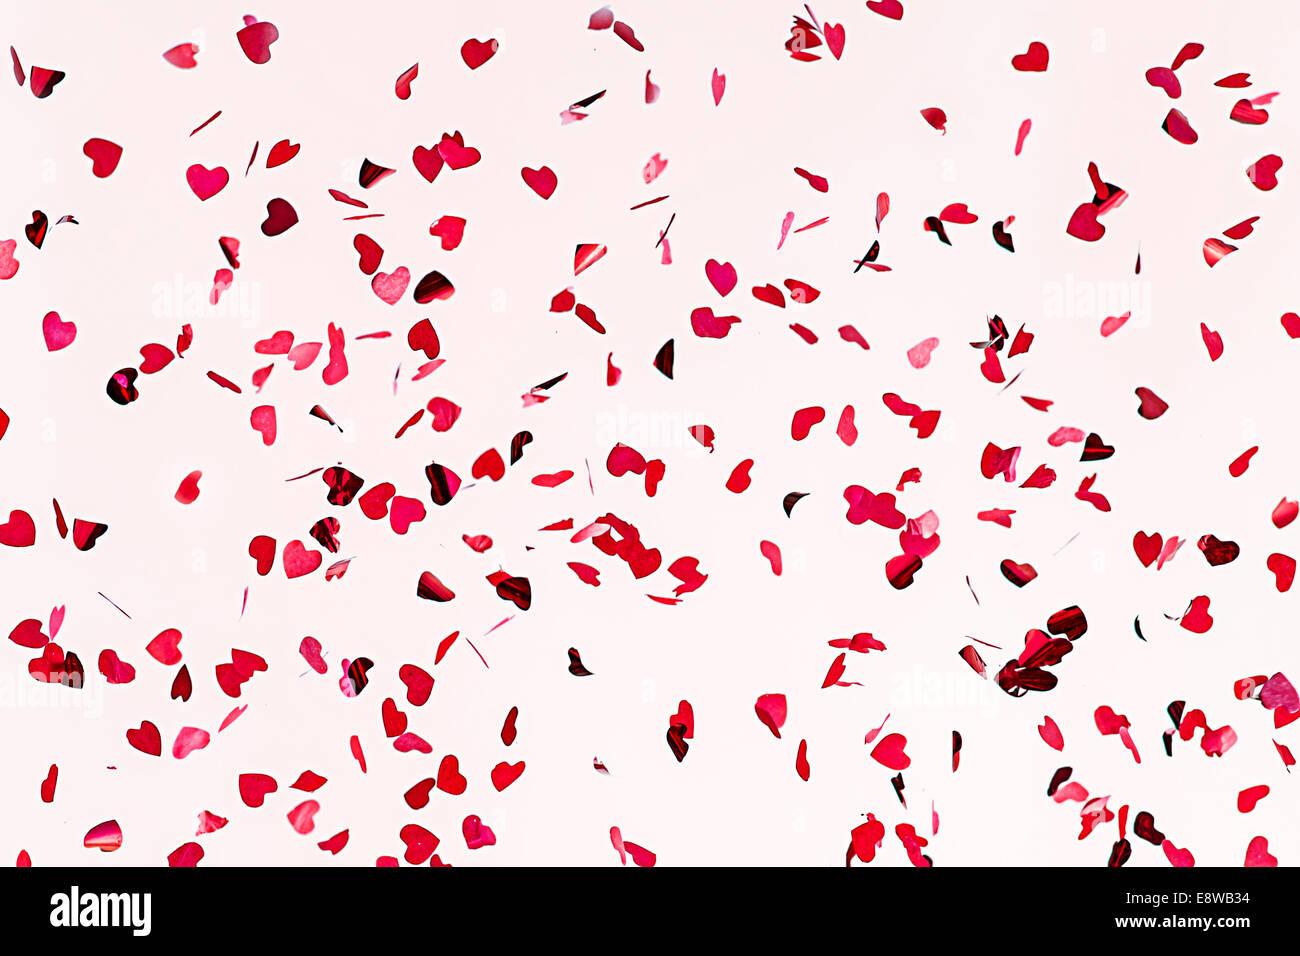 Tutto ciò di cui hai bisogno è l'amore. Vista ingrandita di coriandoli cuori di colore rosso contro Immagini Stock